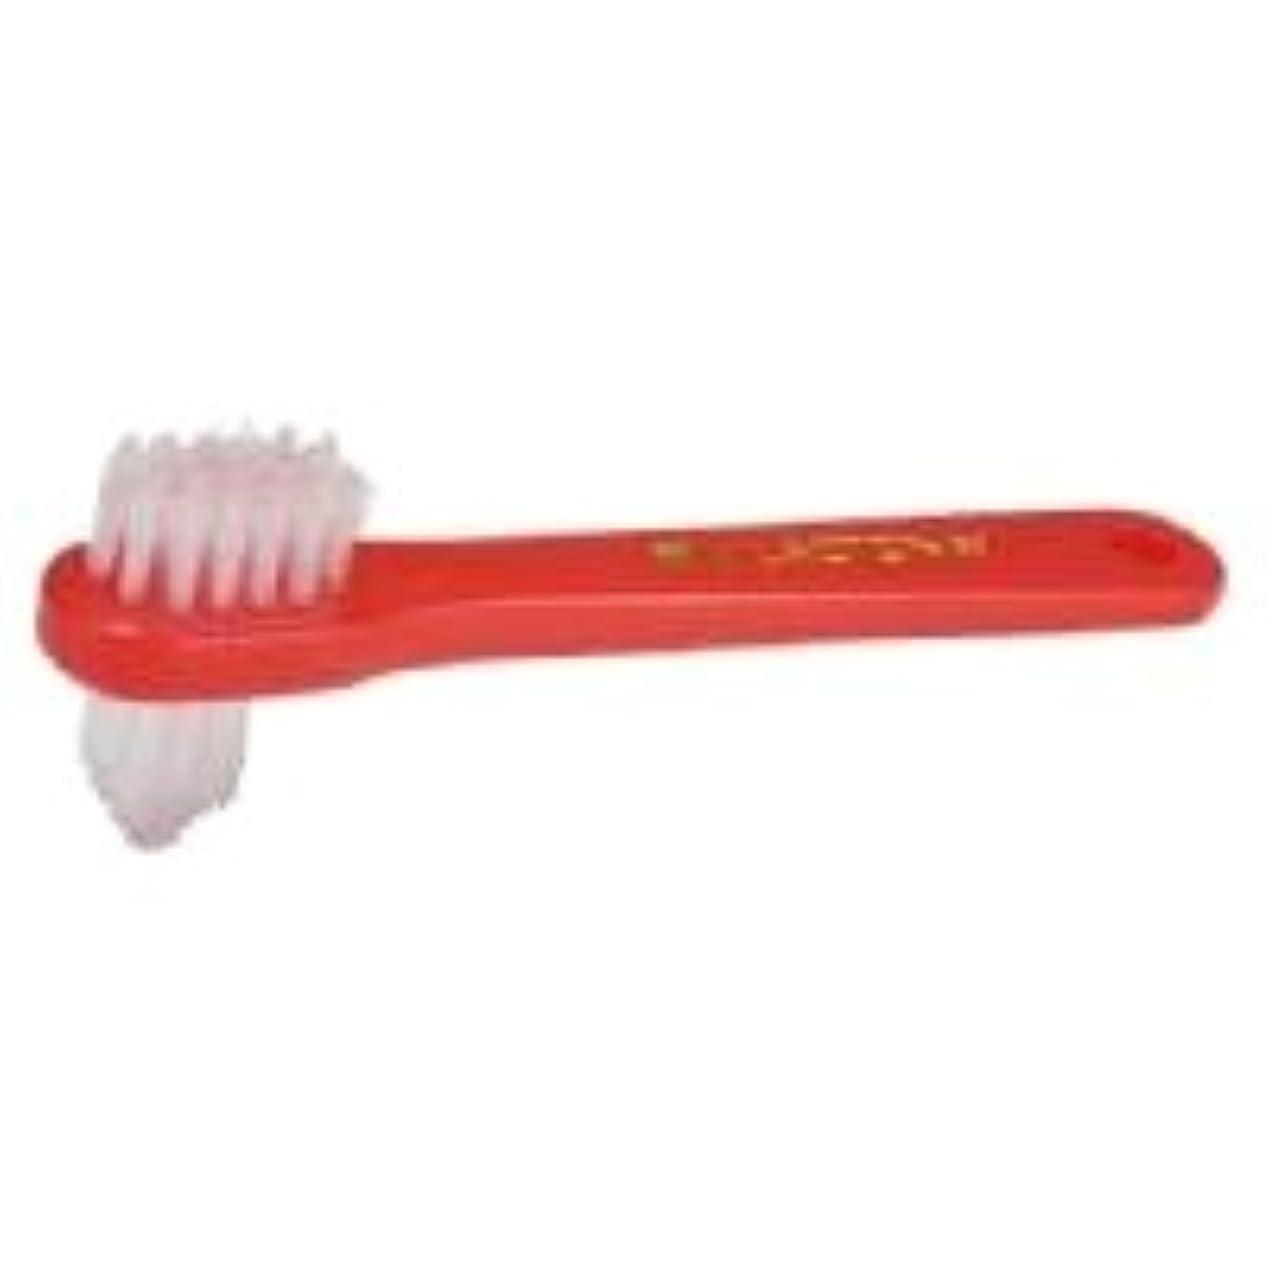 不誠実偏差結果【ラクトナ】【歯科用】ラクトナ歯ブラシ #500 M 1本【義歯用ブラシ】